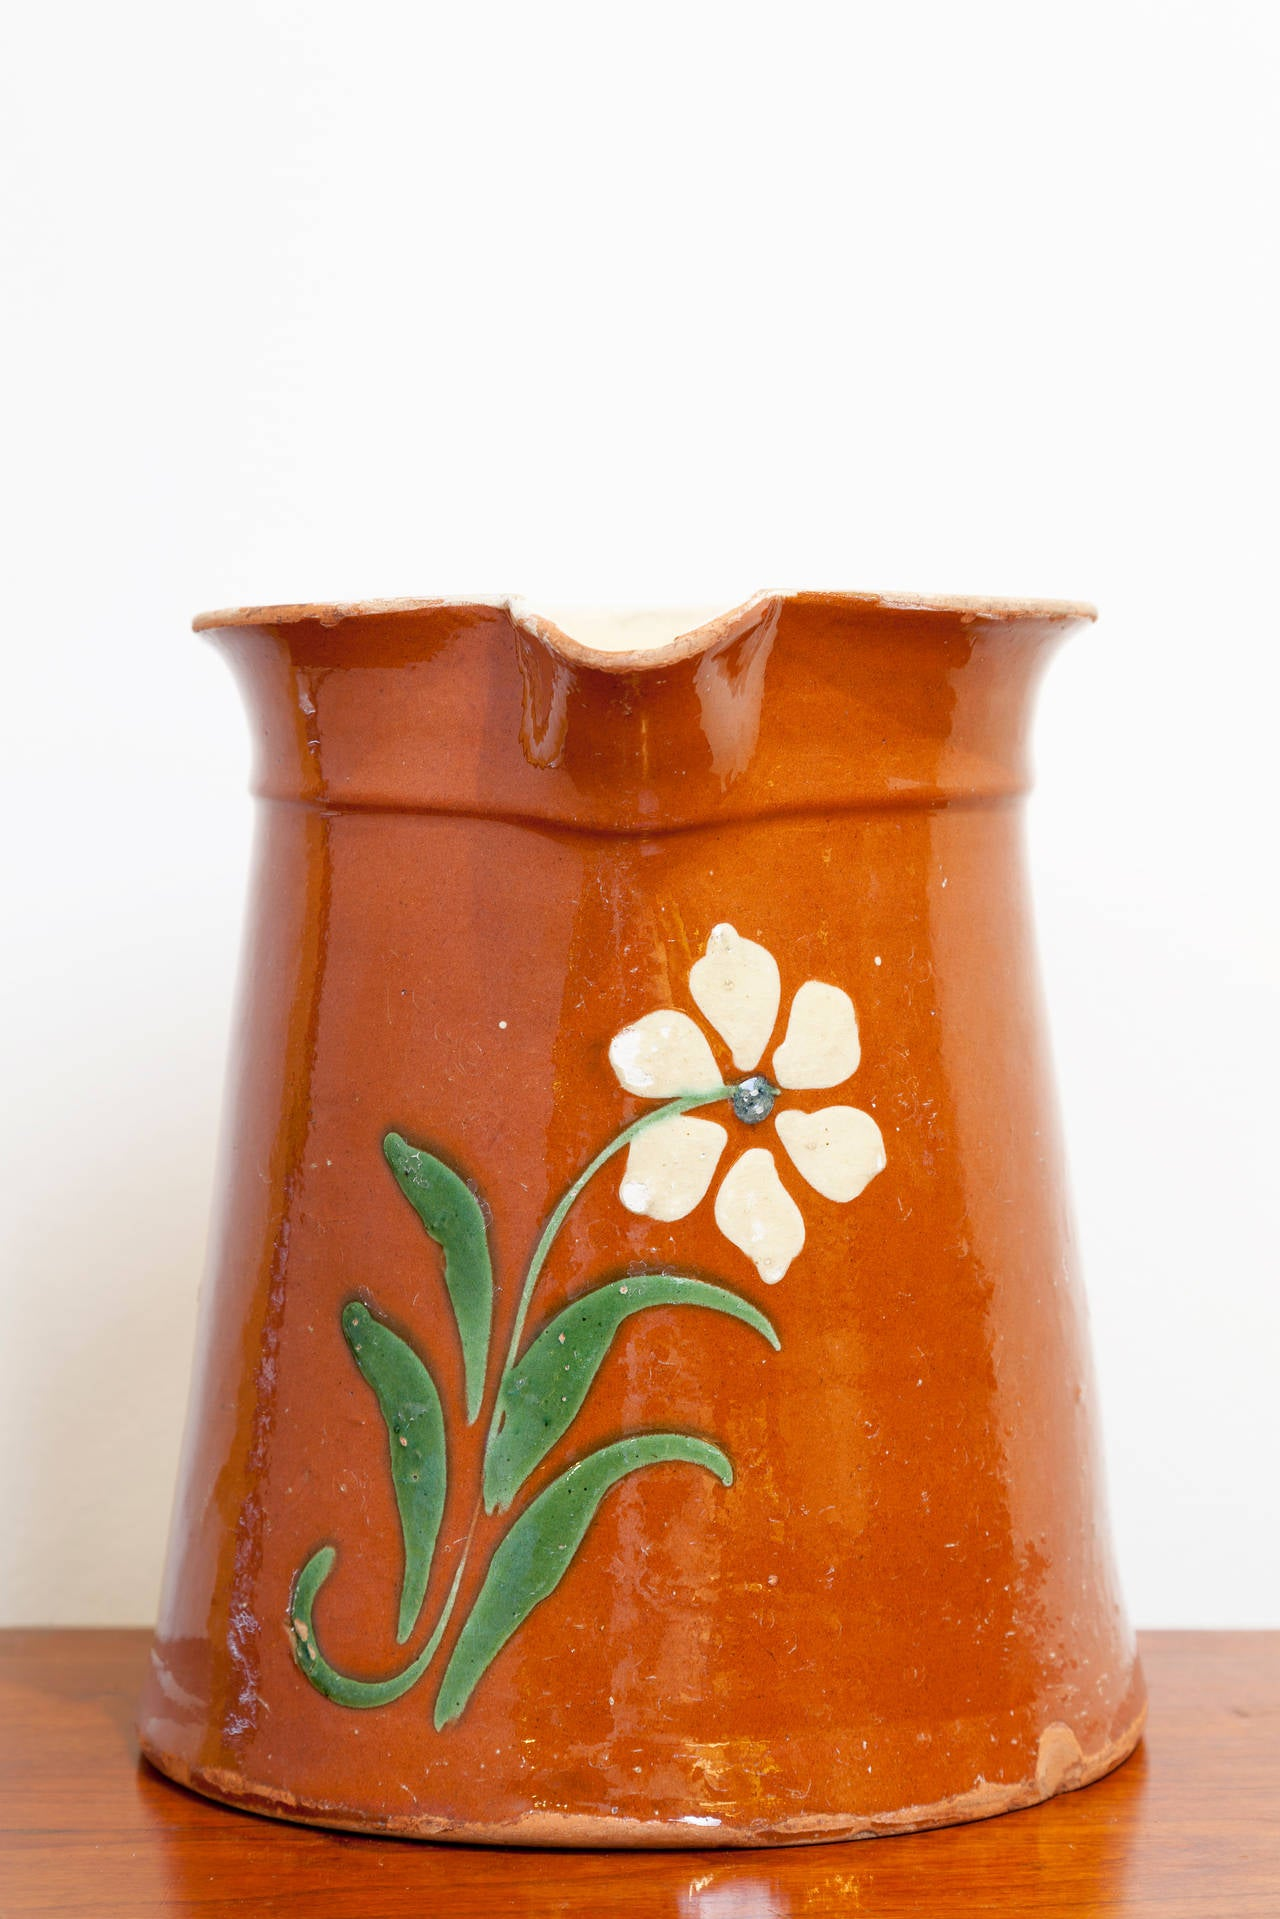 French Savoyard Pitcher, circa 1900. Slipware flower design in green and cream on a terra cotta glaze.